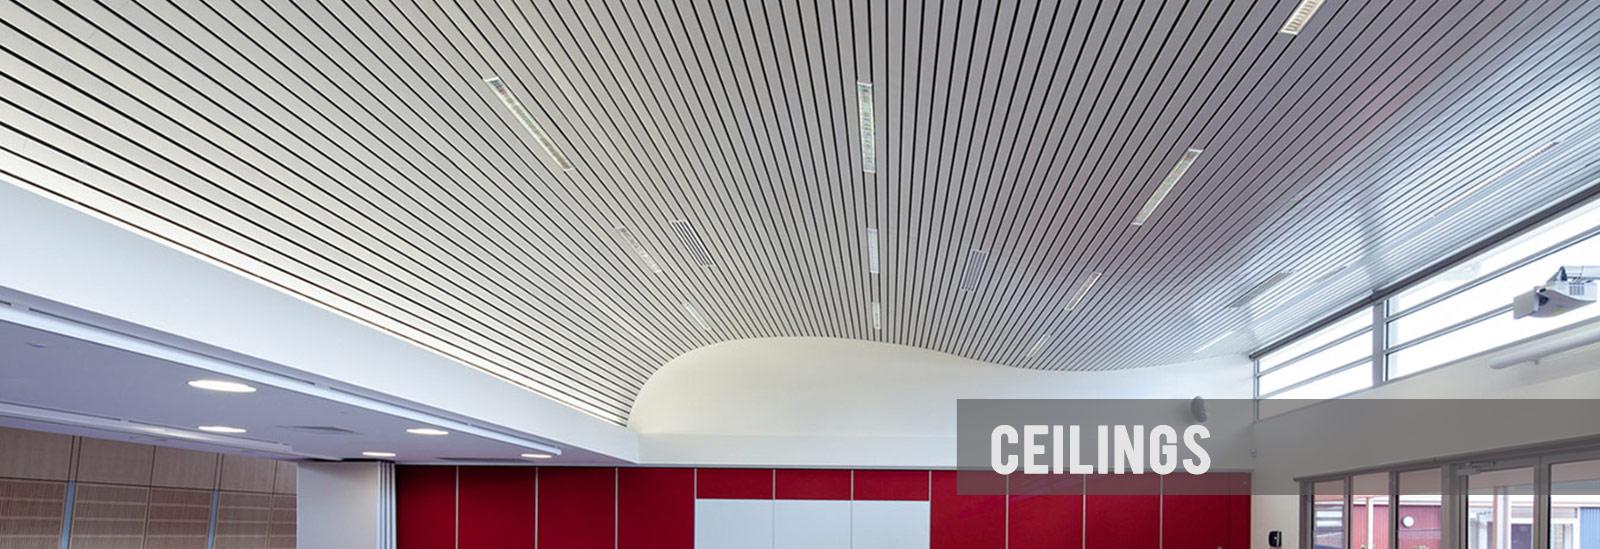 Ceilings-banner